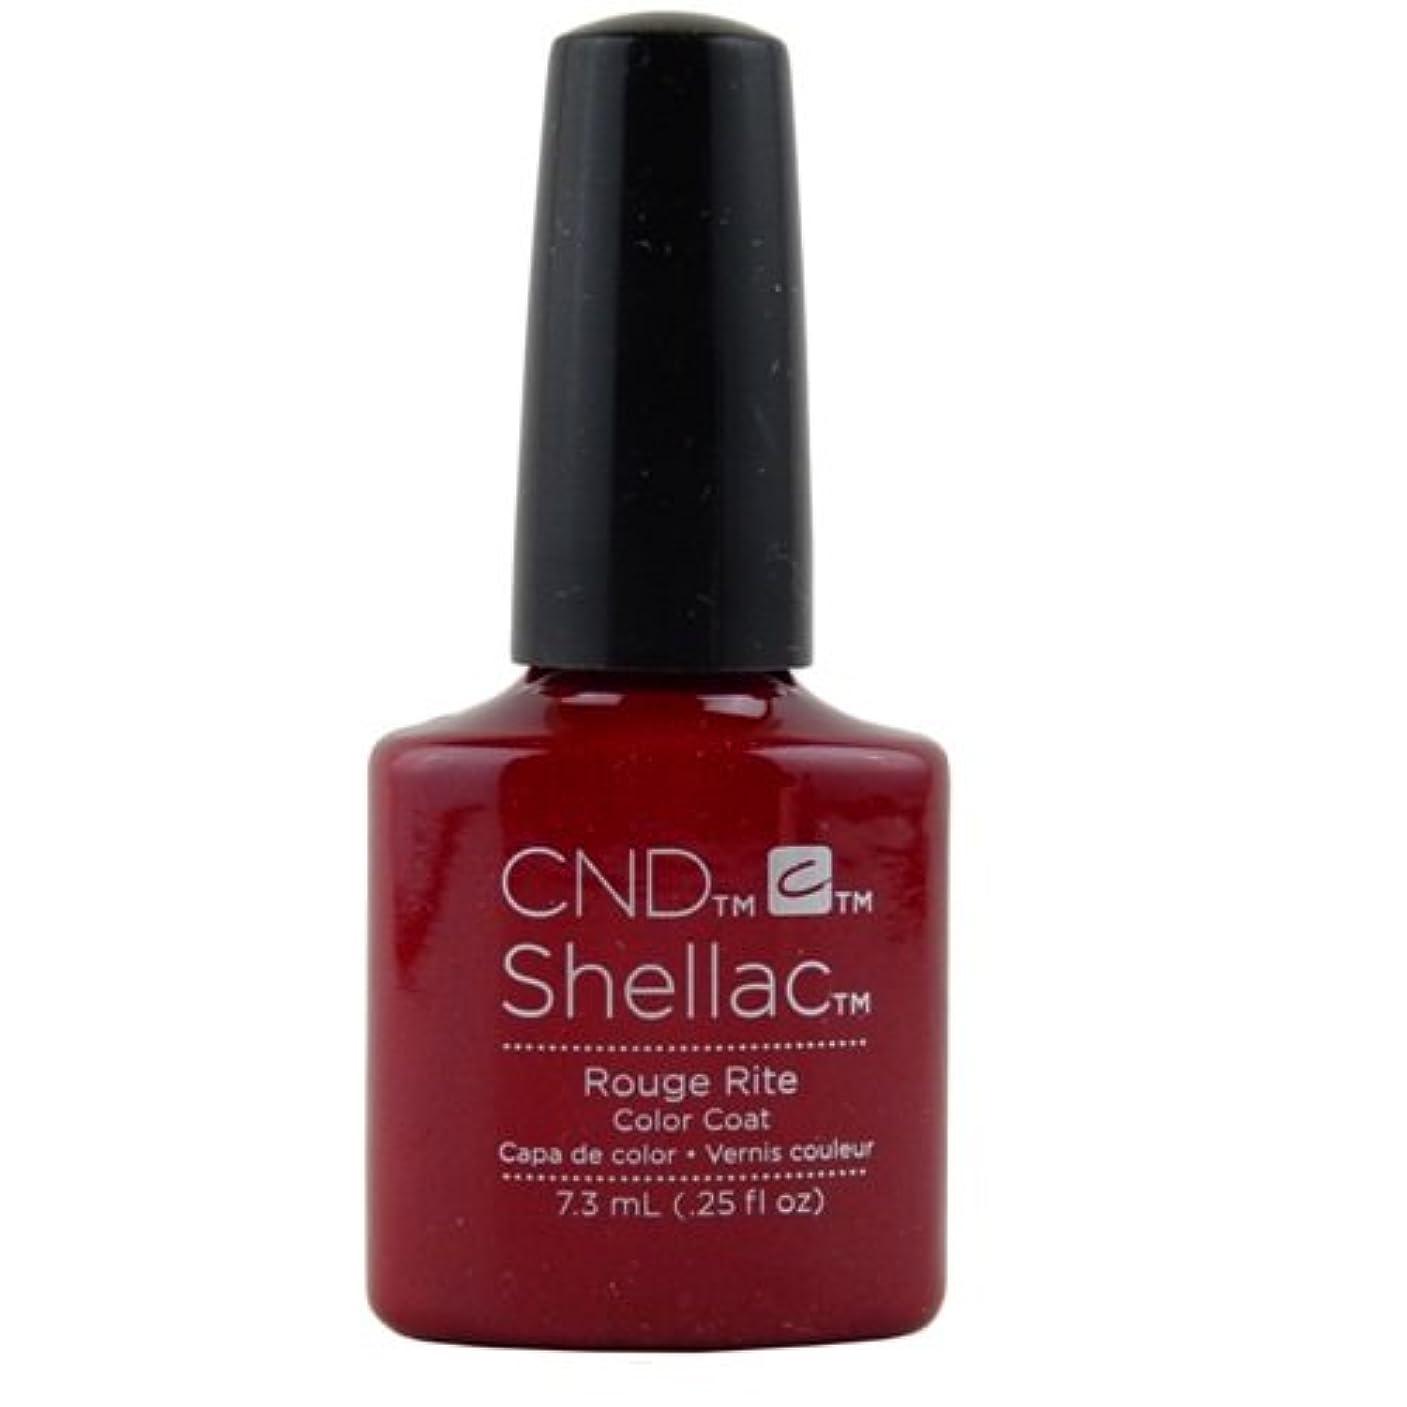 管理に対応する竜巻CND Shellac Gel Polish - Rouge Rite - 0.25oz / 7.3ml